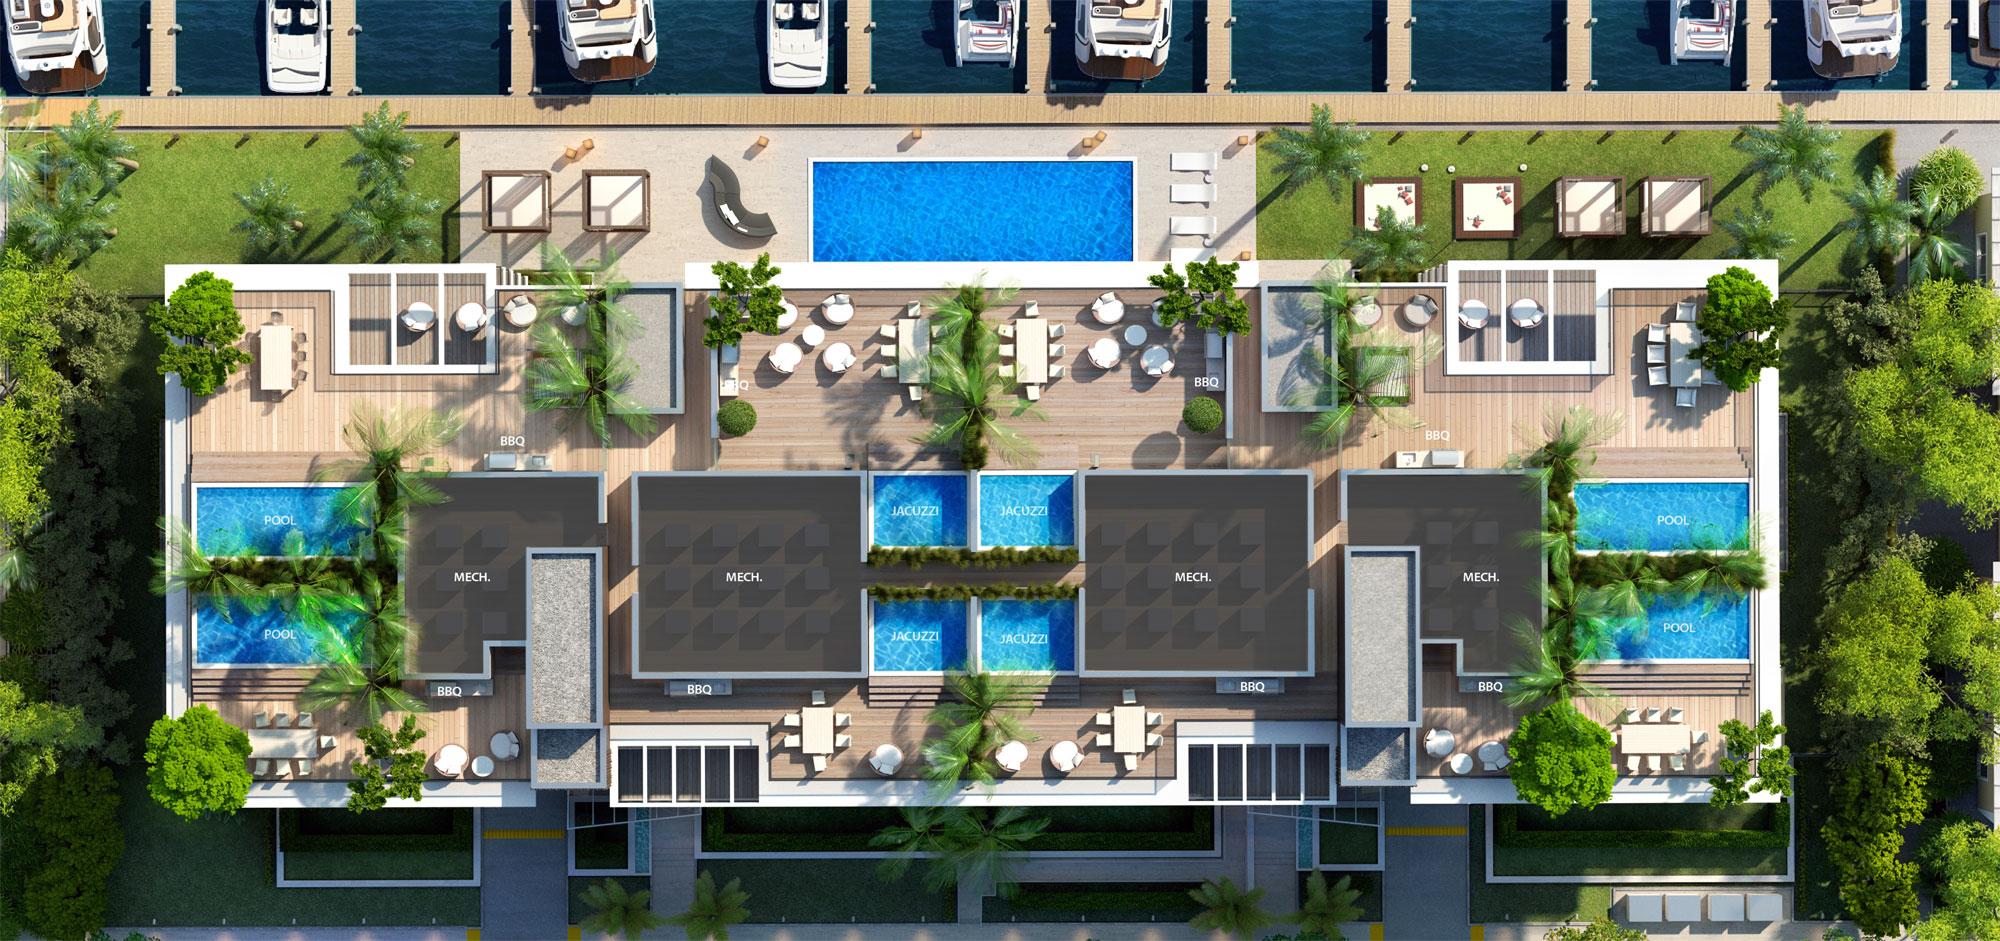 AquaLuna Las Olas luxury waterfront condosNew Build Homes